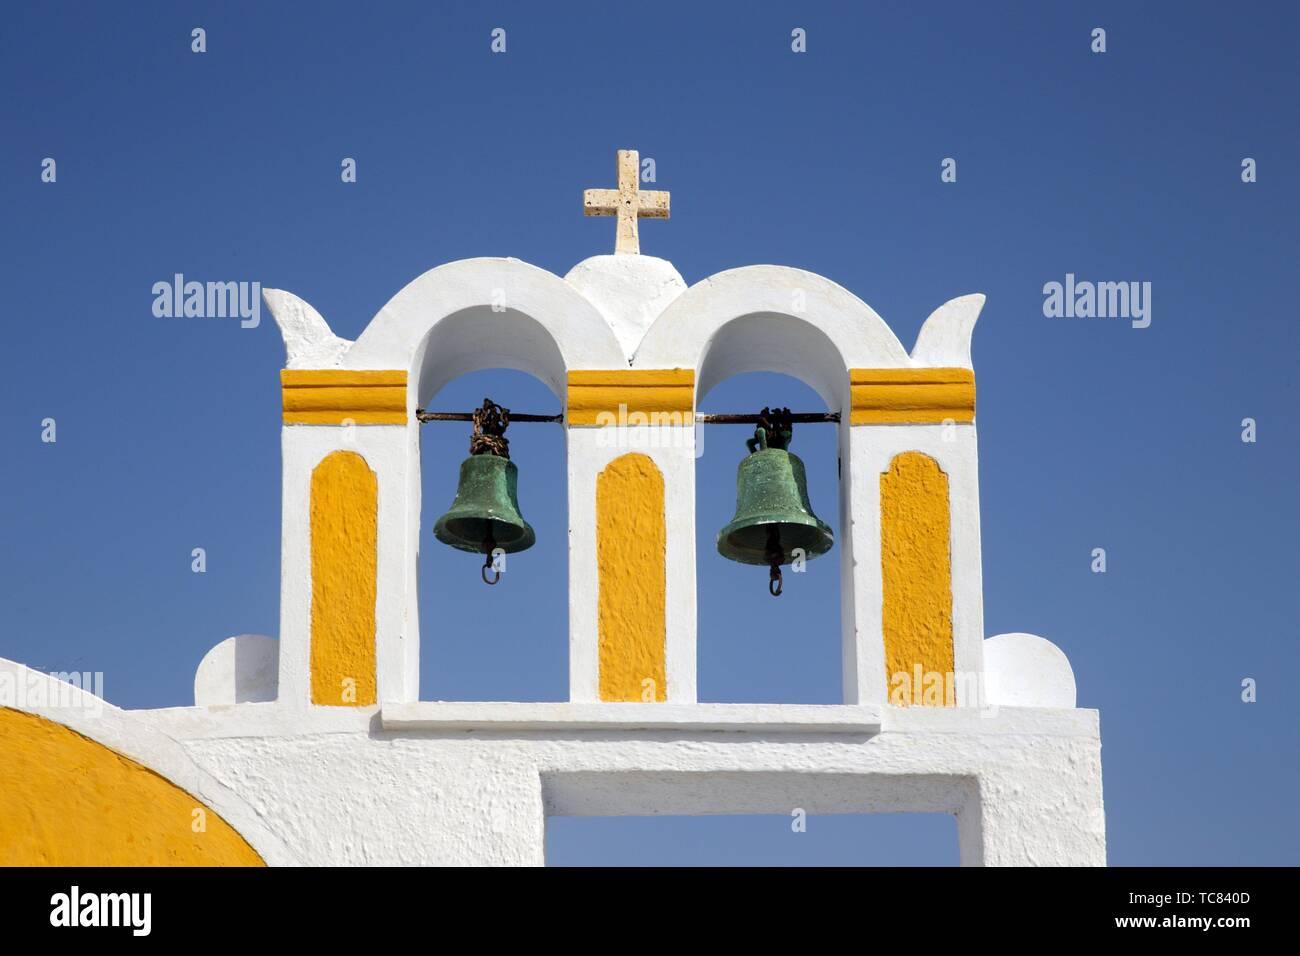 El campanario de una iglesia en Oia, Santorin, Grecia, Europa. Foto de stock